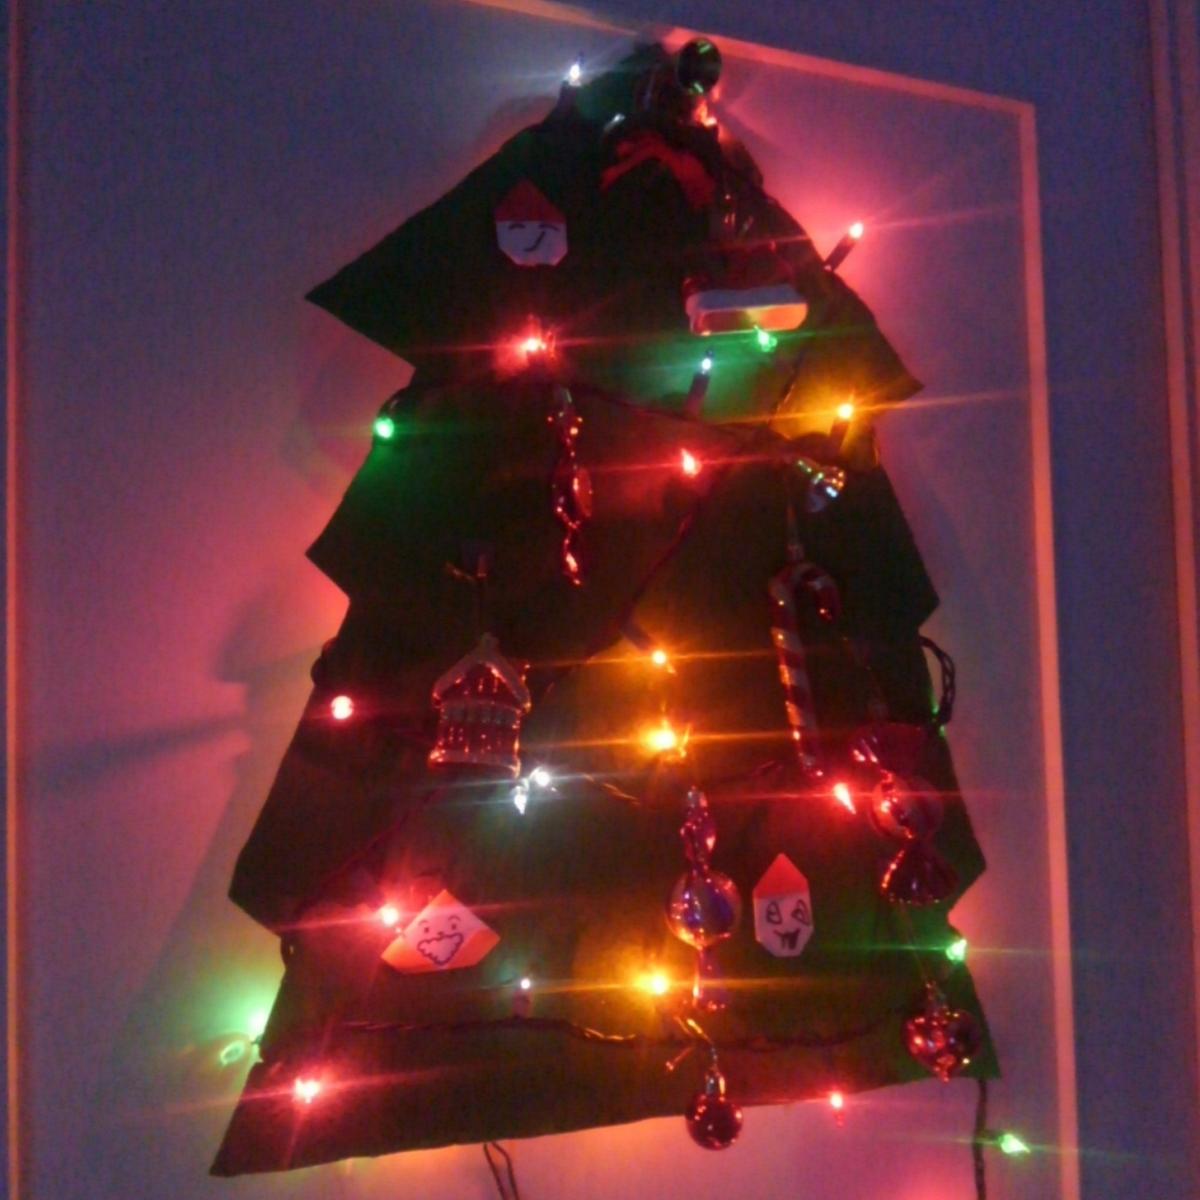 壁掛けクリスマスツリー いたずら防止